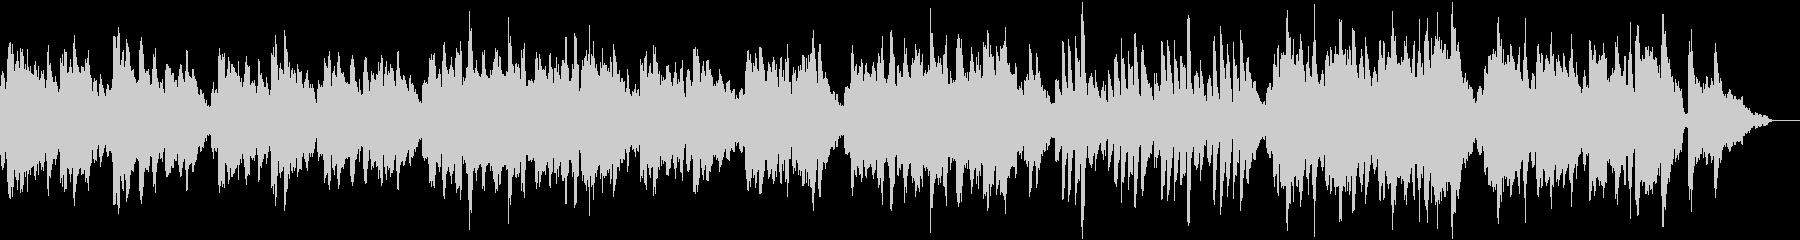 のんびりカントリー 木管楽器&ピアノの未再生の波形